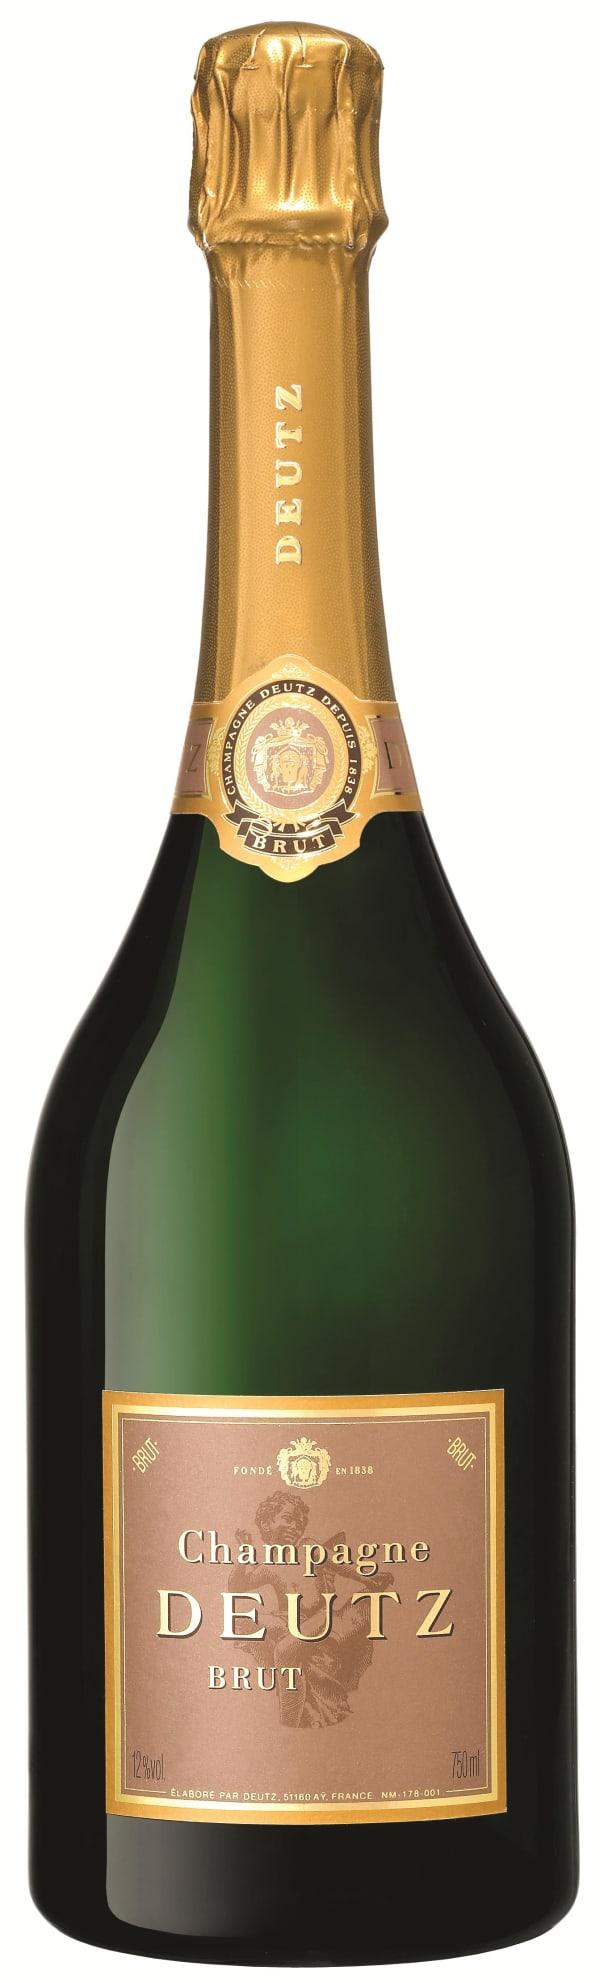 Deutz Champagne Brut 2014